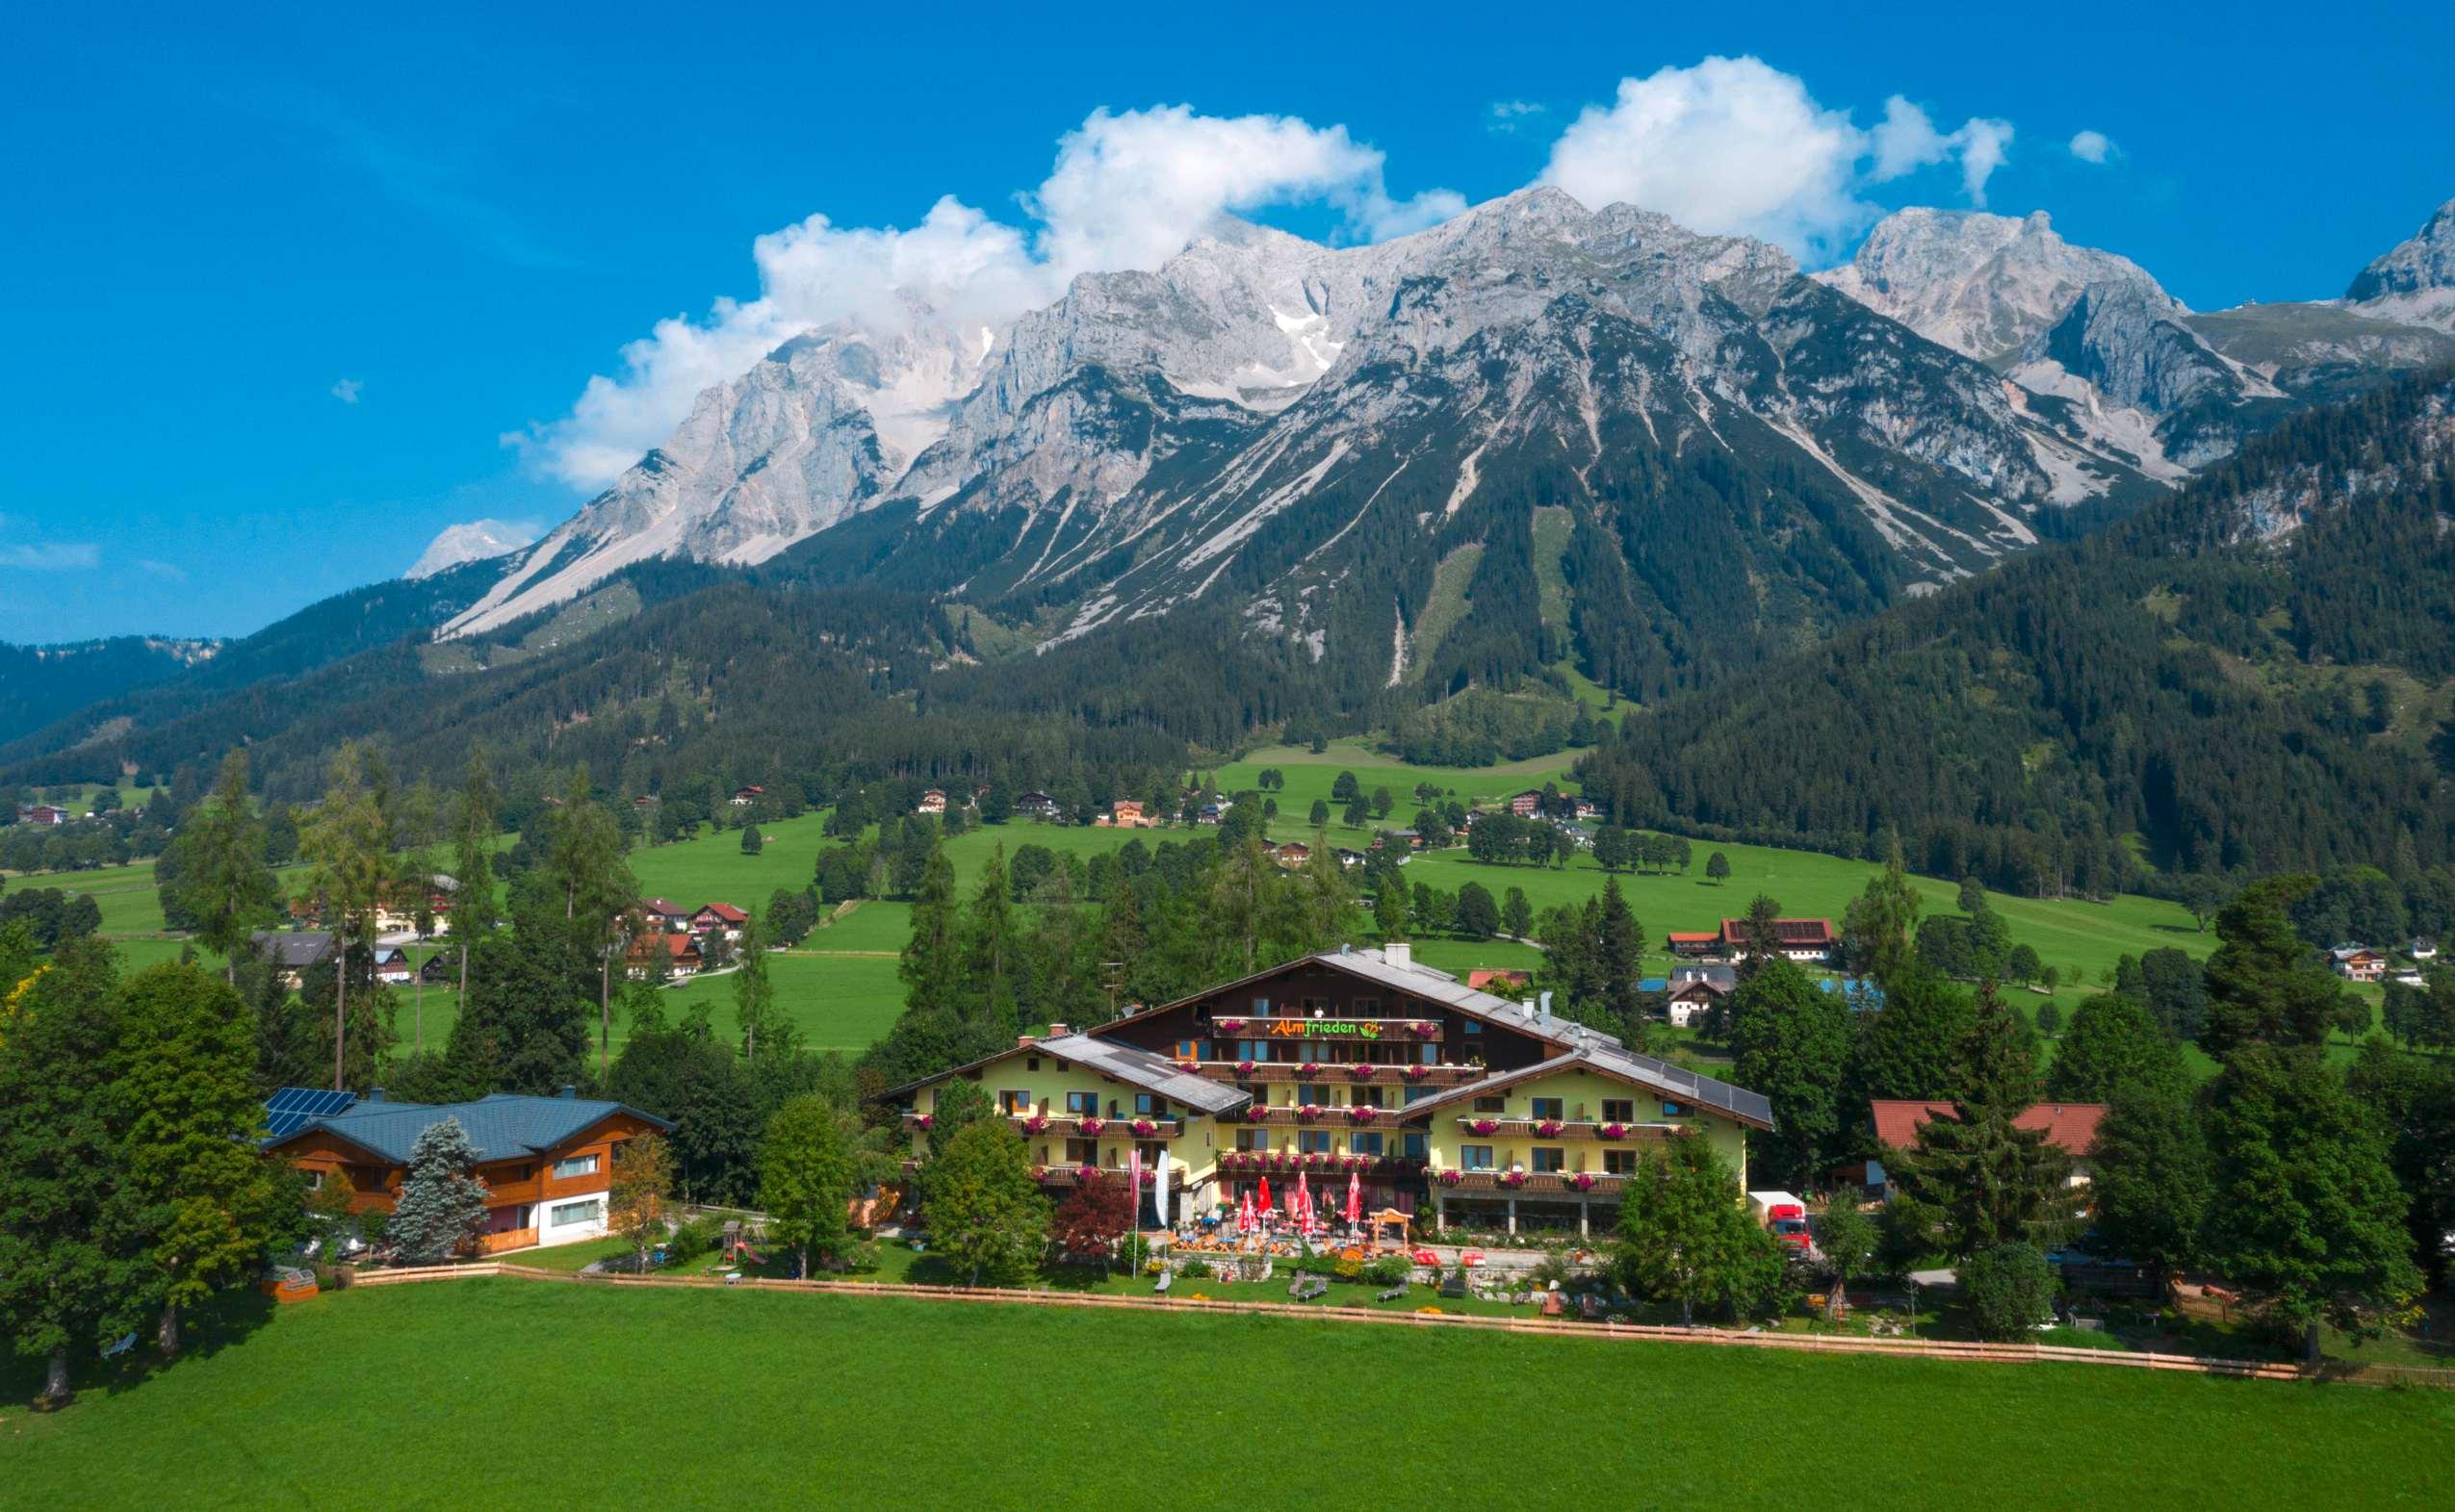 Hotel Almfrieden von oben am Fuße eines Berges liegend